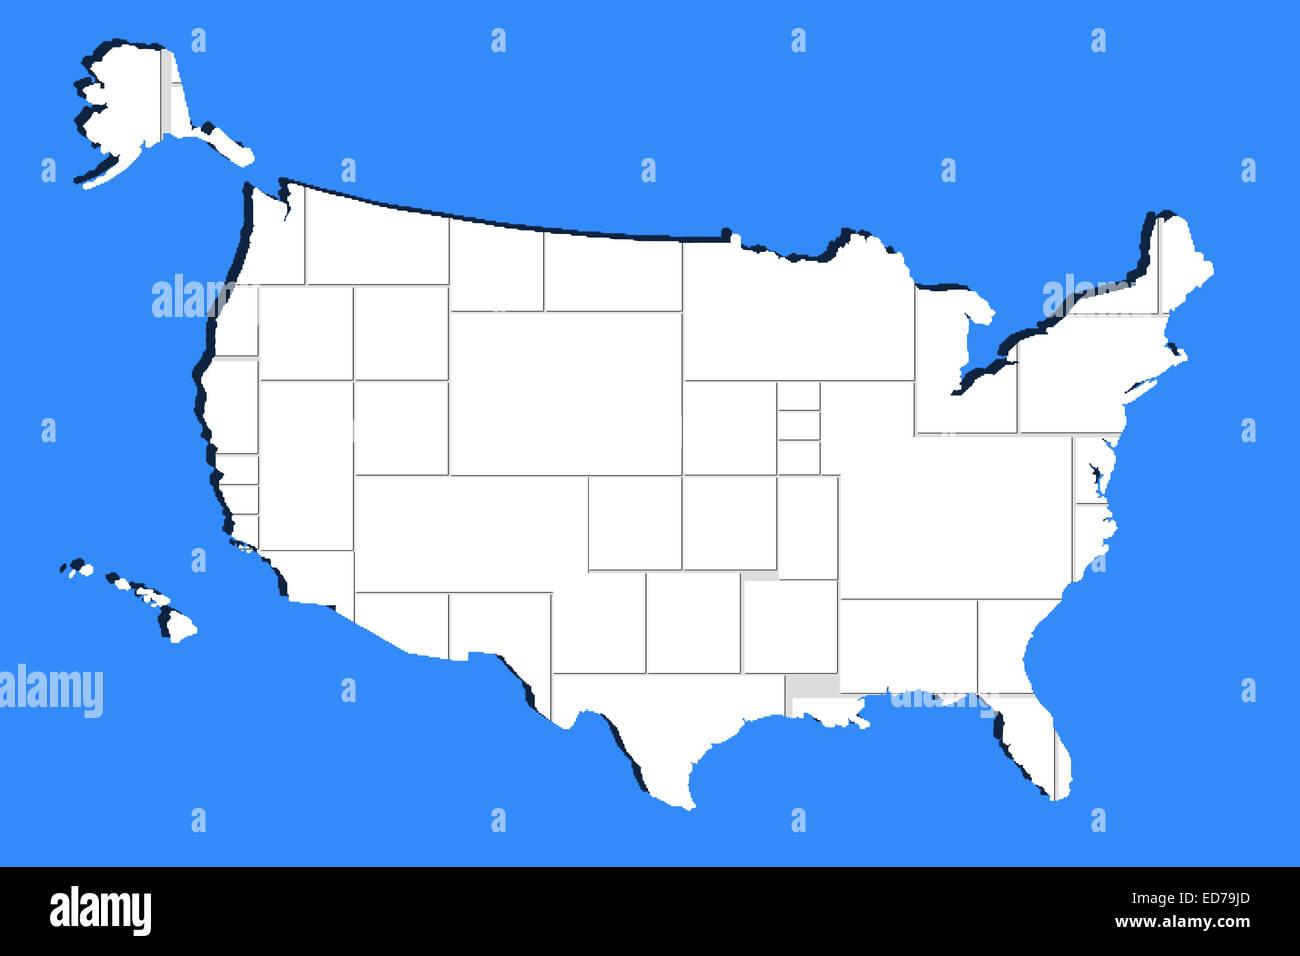 leer leere Bilderrahmen in USA Karte Form auf blau Stockfoto, Bild ...